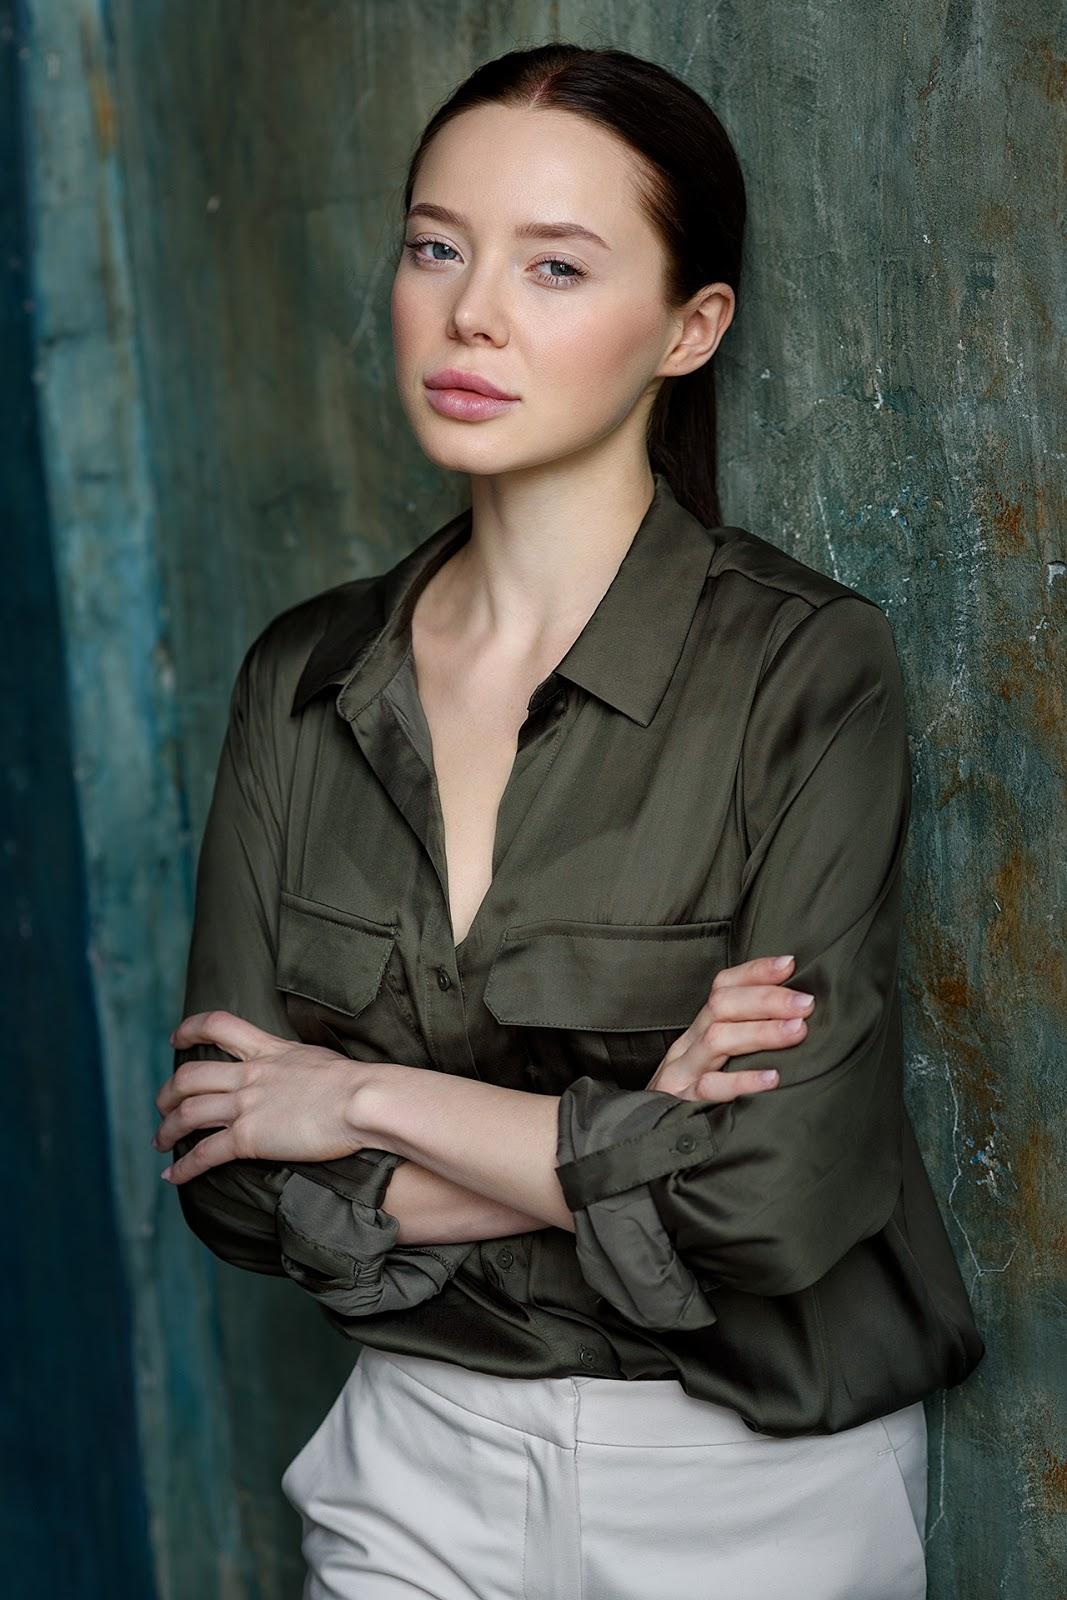 Дарья. Фотопортрет с естественным светом